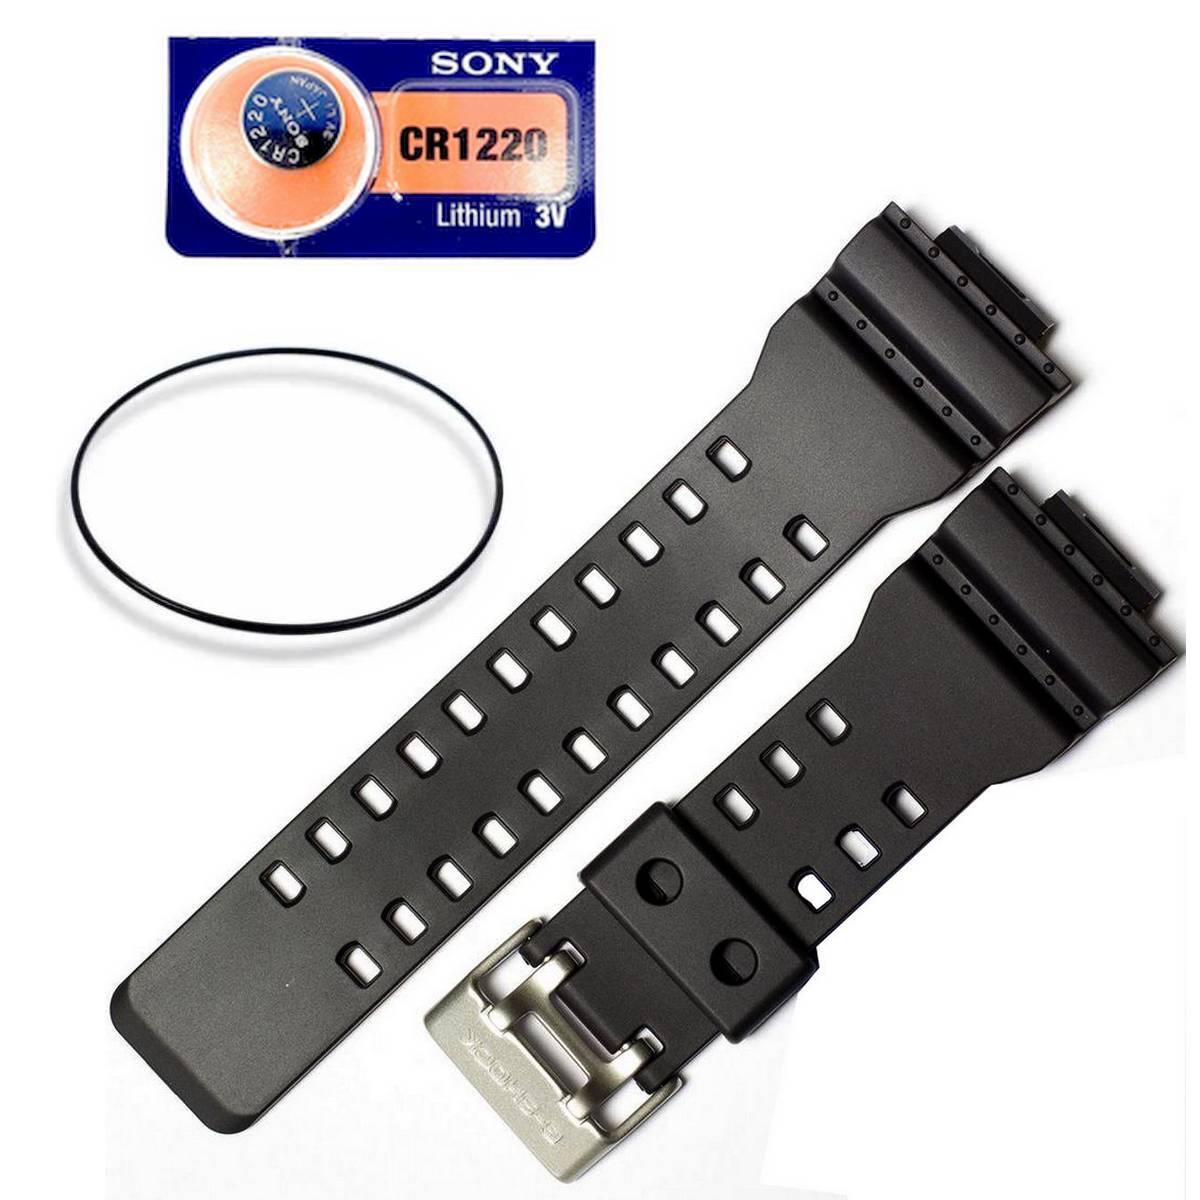 Pulseira + Vedação + Bateria  GA-100 GA-110 GA-120 Preto fosco  - E-Presentes